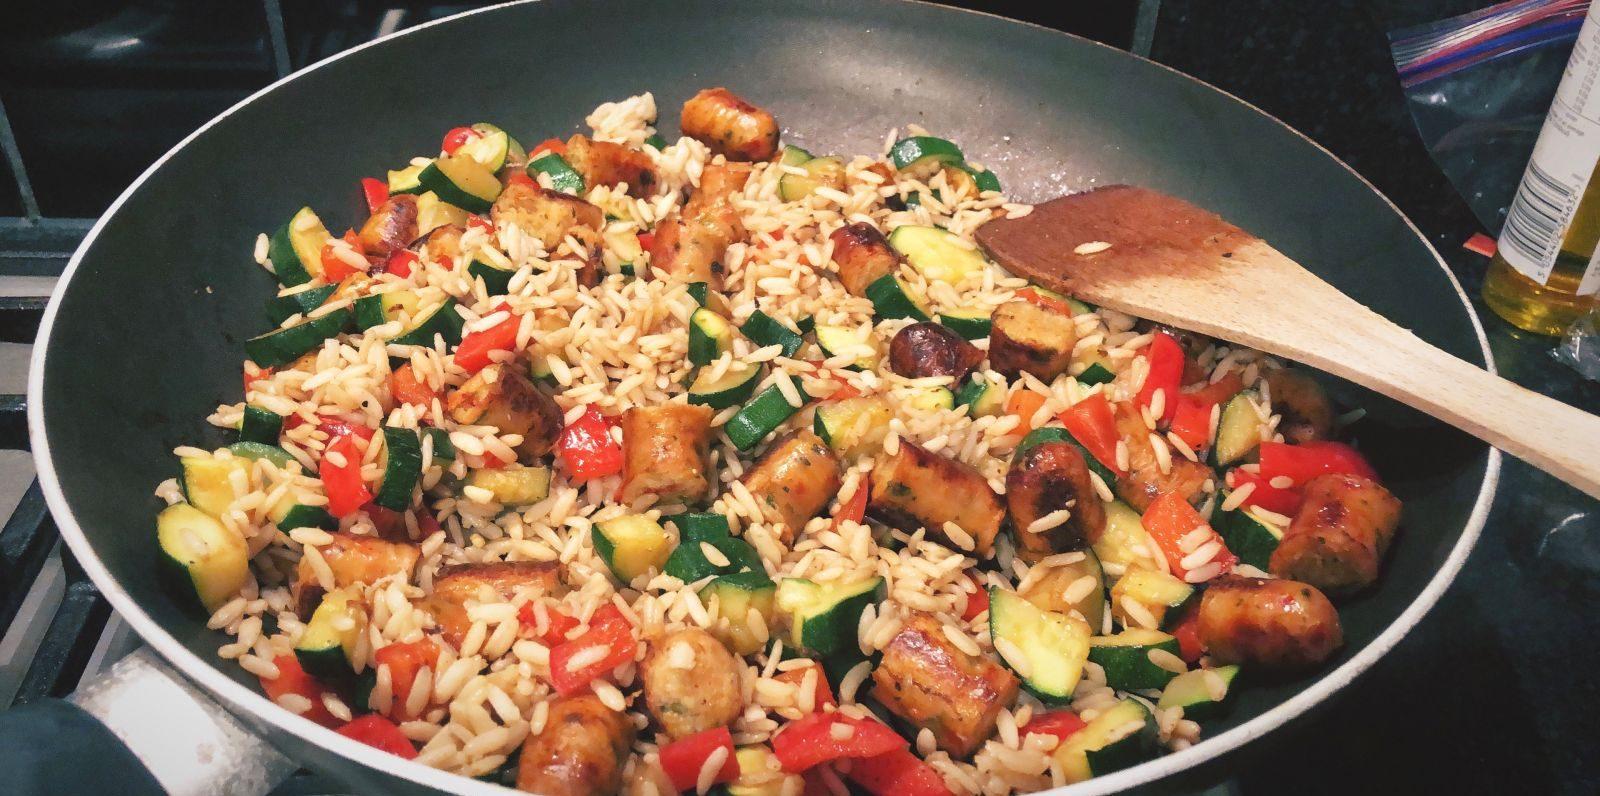 Big Health Kick Food Diary: What I Ate In A Week